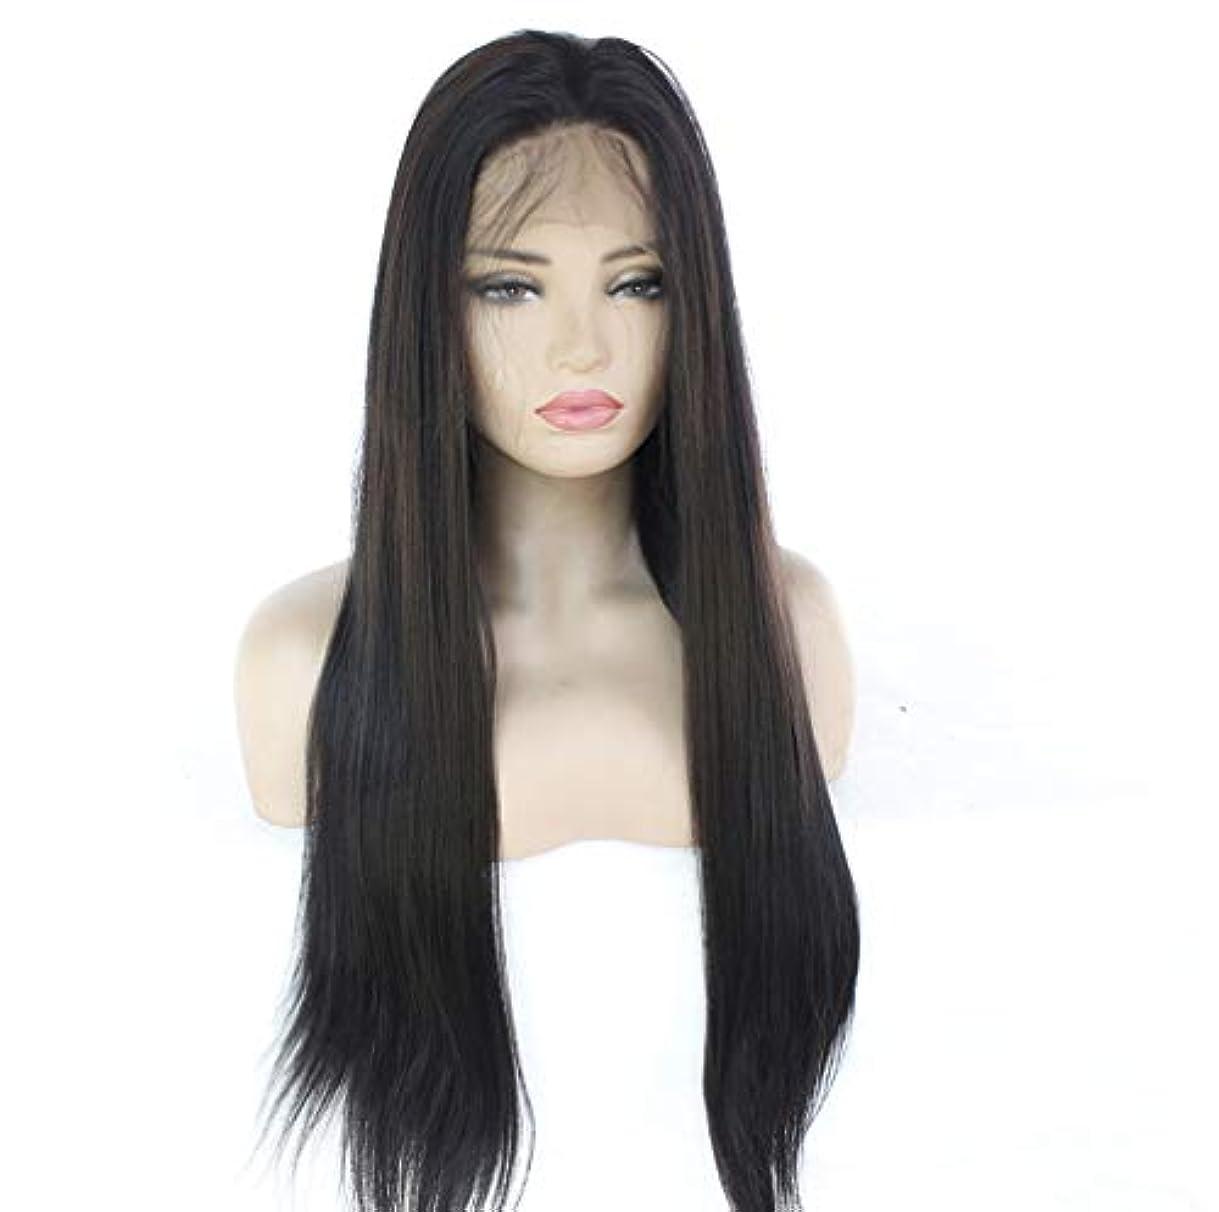 明るい打ち負かすブロッサム女性のレースの人間の髪の毛のかつら130%密度ナチュラルレース前頭かつらストレートボブのレースの前部人間の髪の毛のかつら